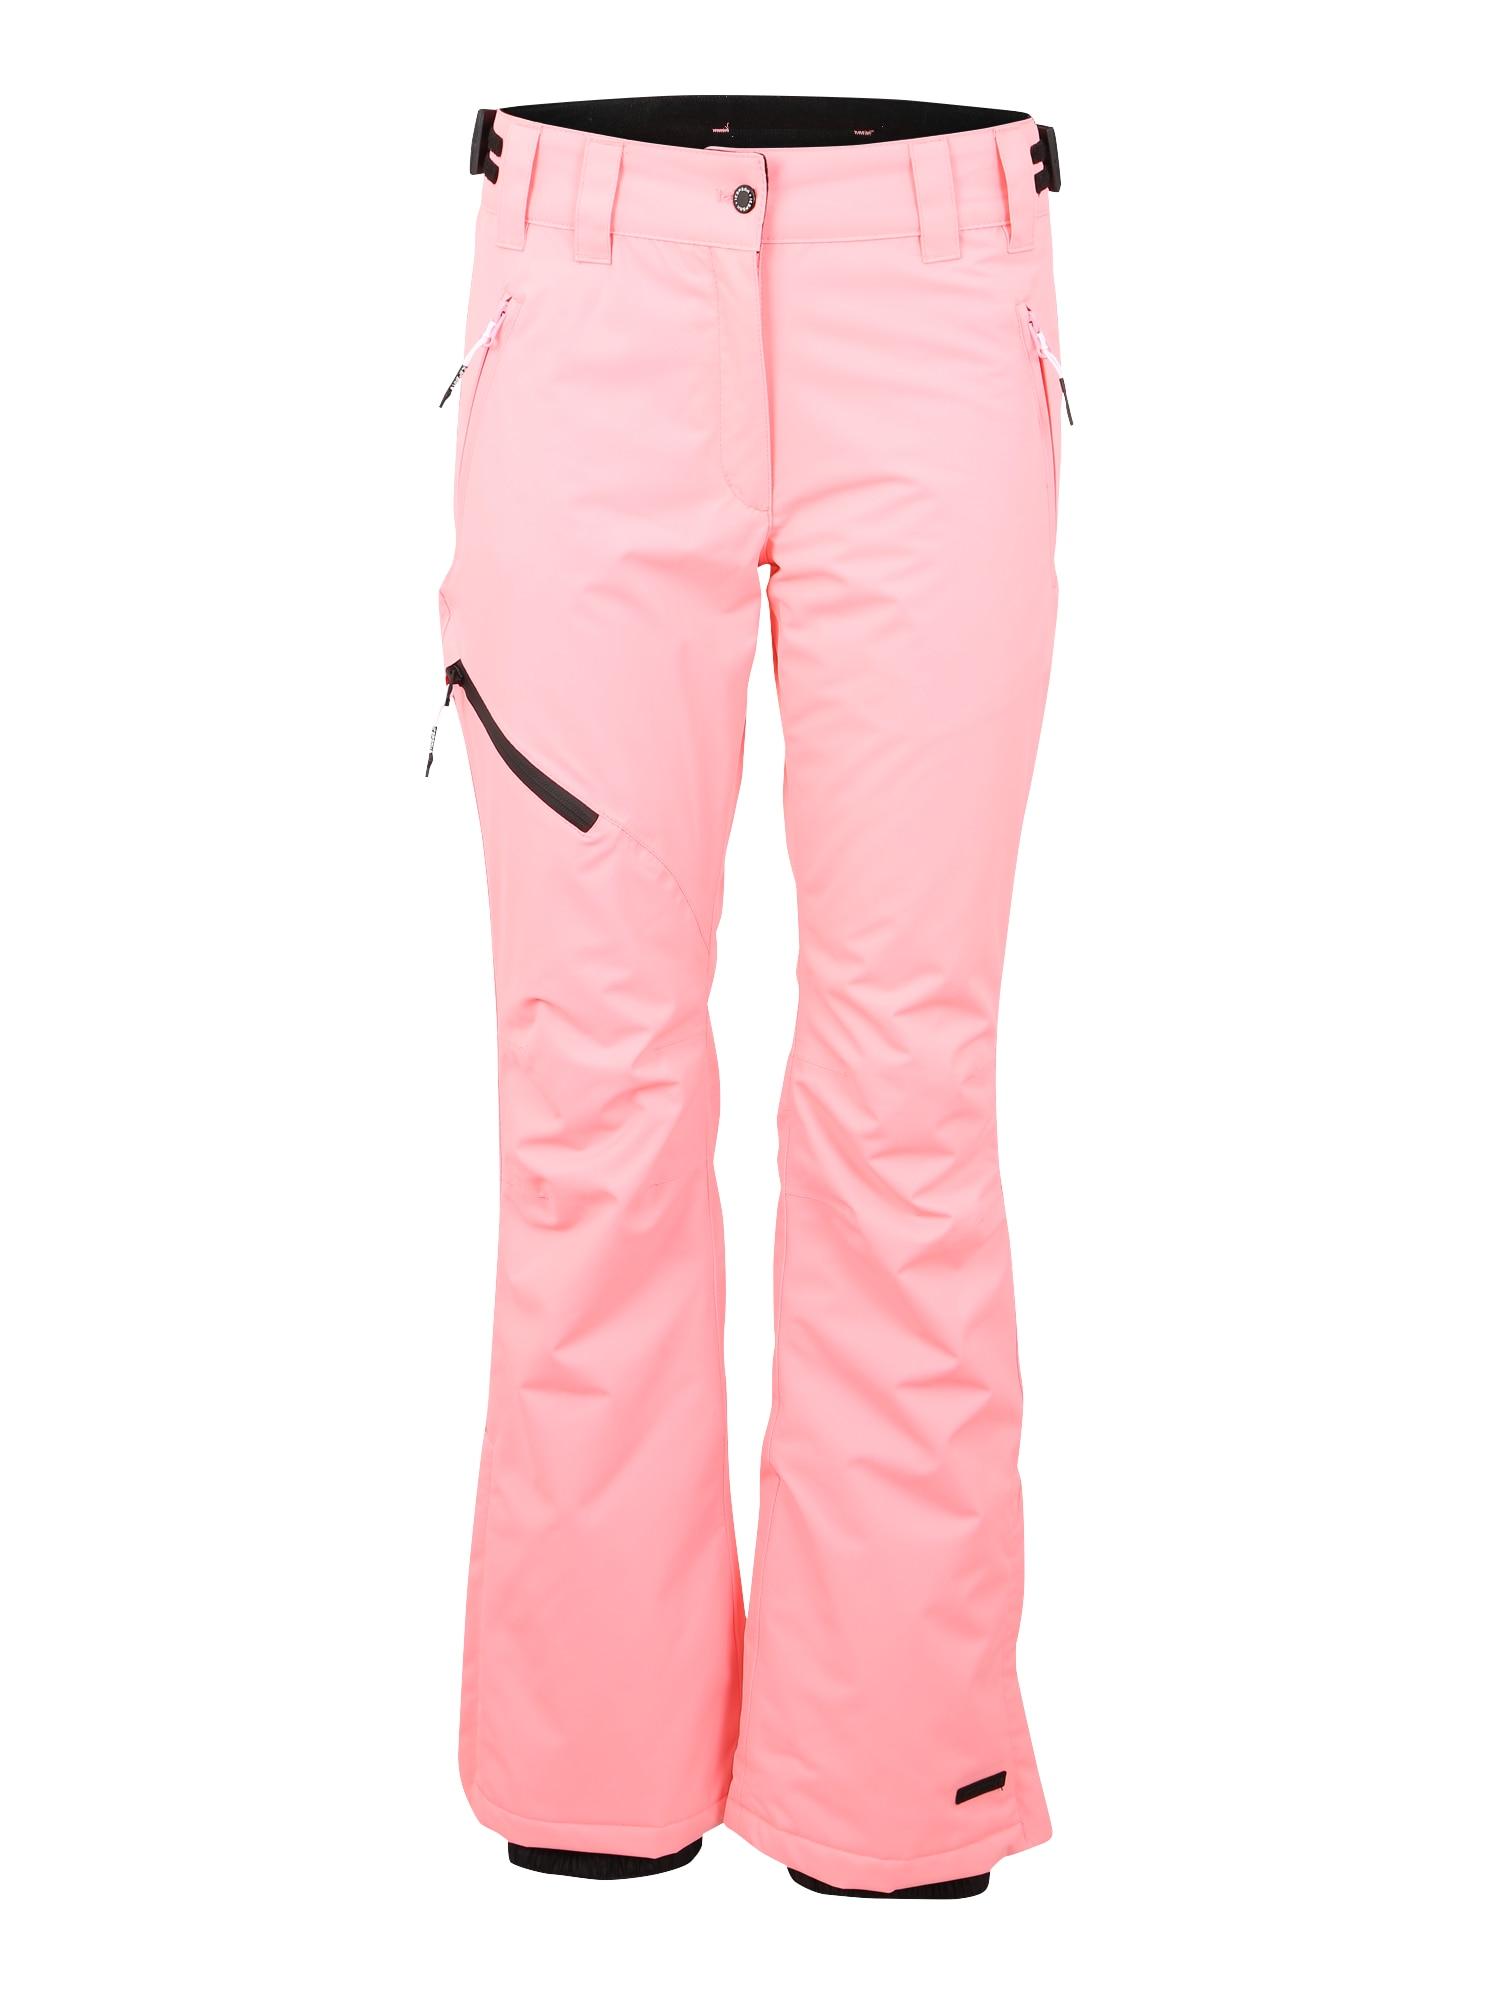 Sportovní kalhoty Josie pink ICEPEAK